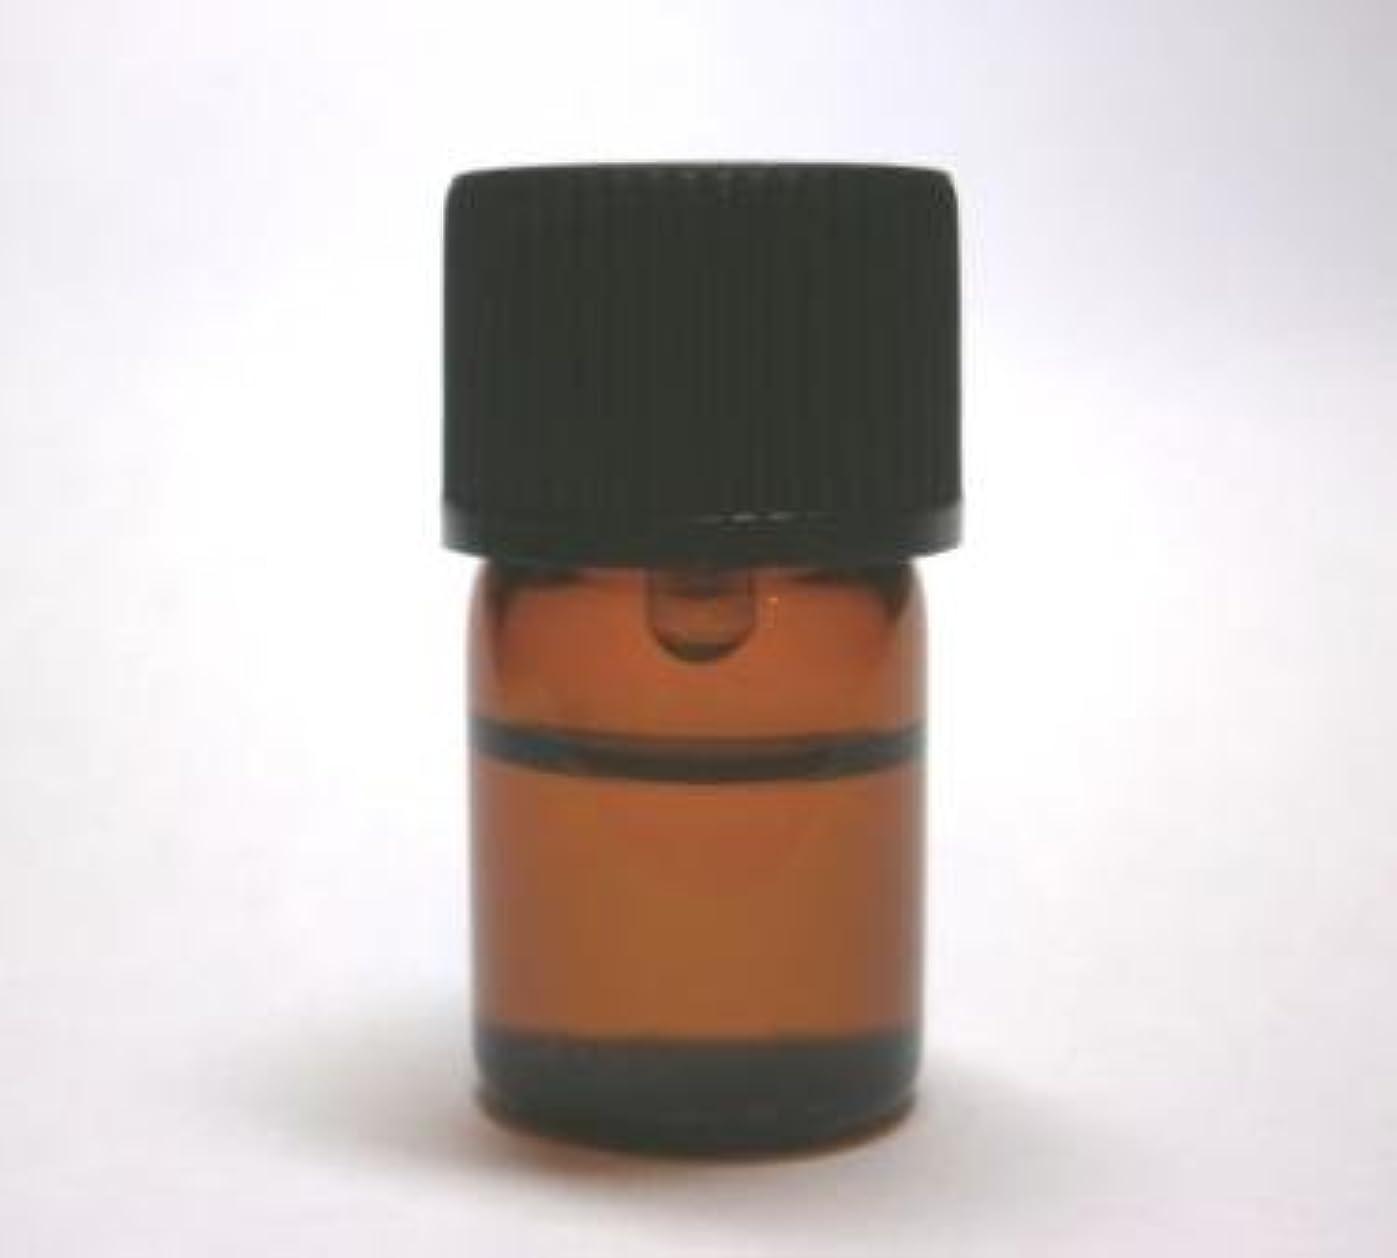 倉庫ほとんどの場合誇りローズabsアブソリュート100%:3ml /ローズエッセンシャルオイル/ローズ精油/ローズオイル